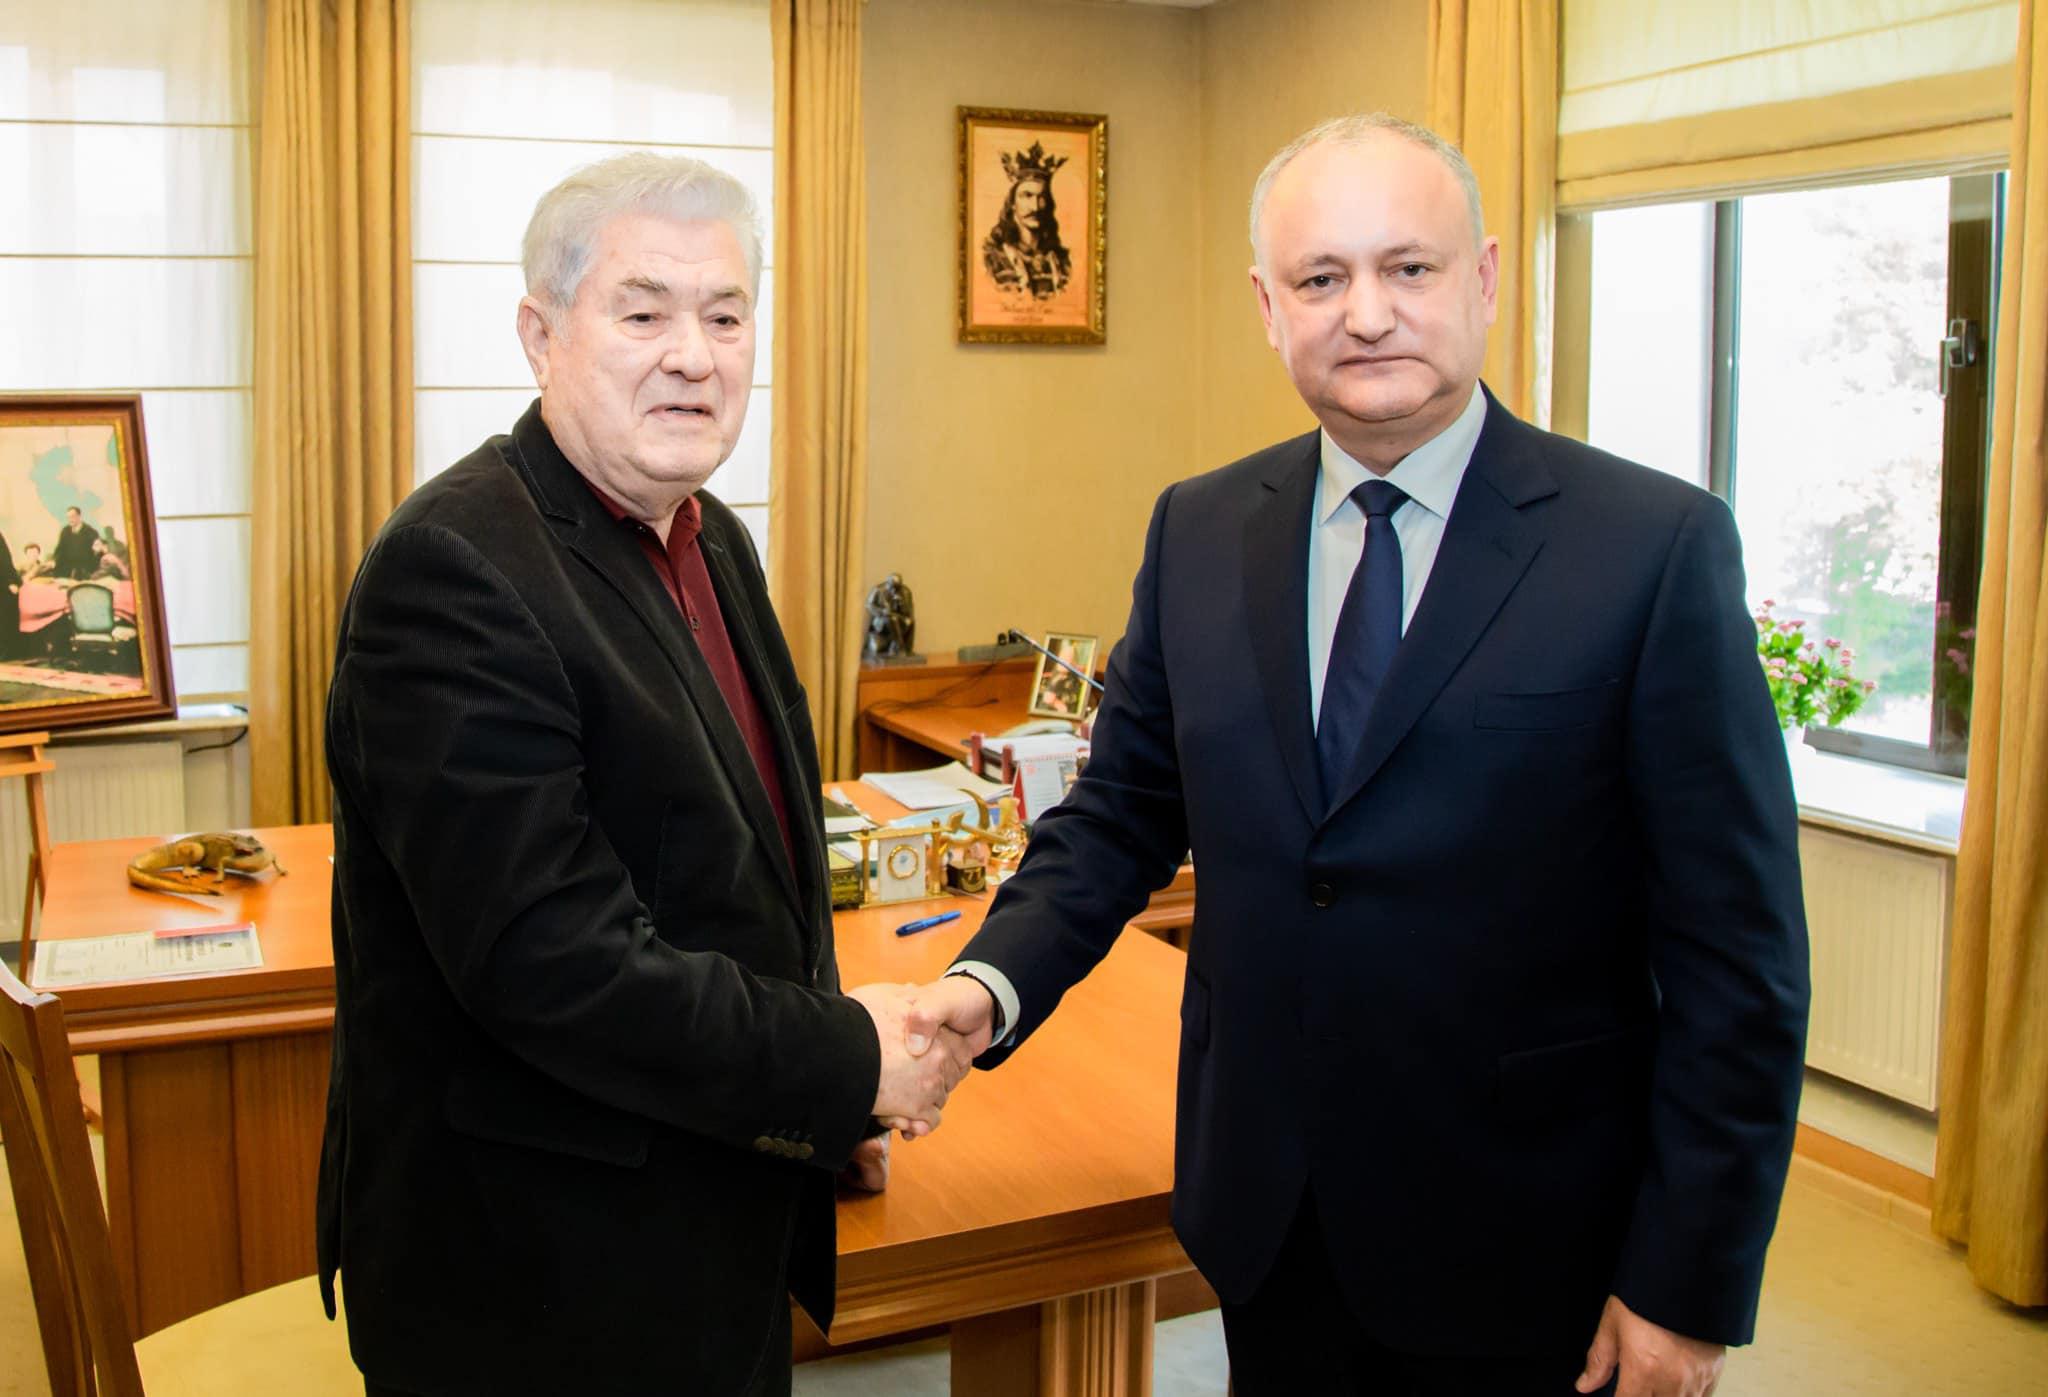 «Дапоможет нам Бог!». Додон иВоронин подписали соглашение осоздании предвыборного блока